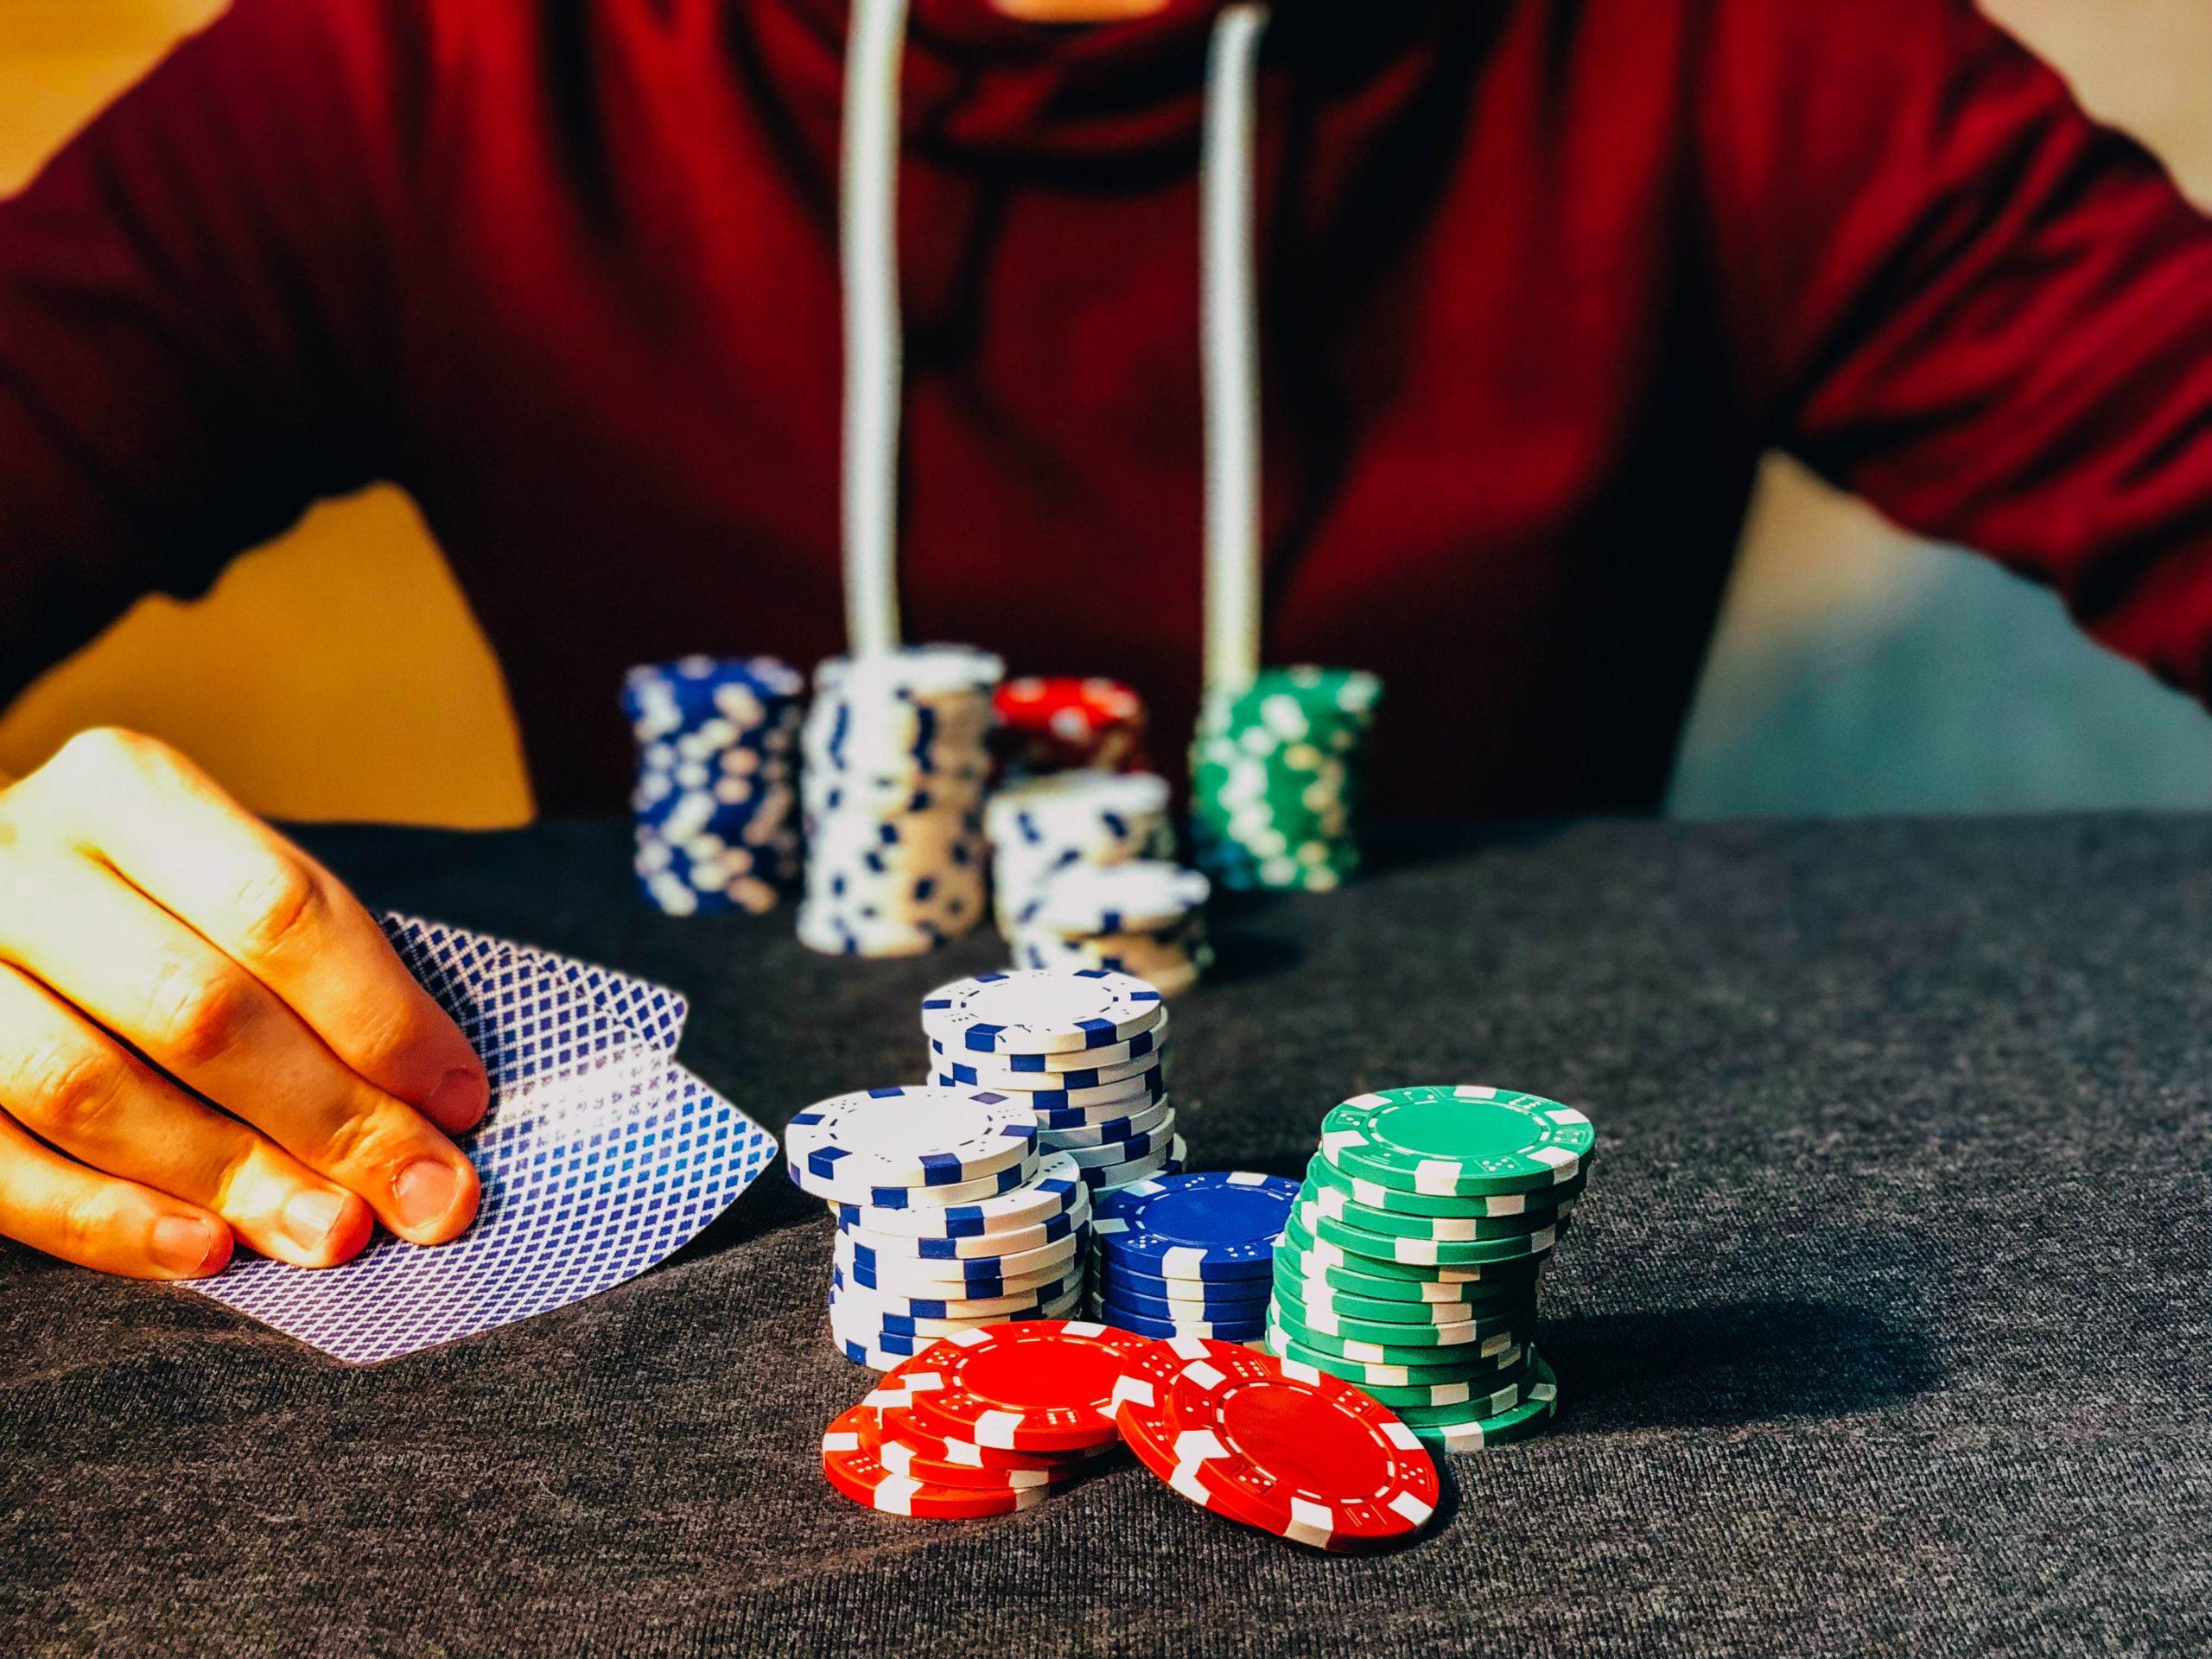 【網友分享】麻將輸贏結算,用籌碼還是用撲克牌?